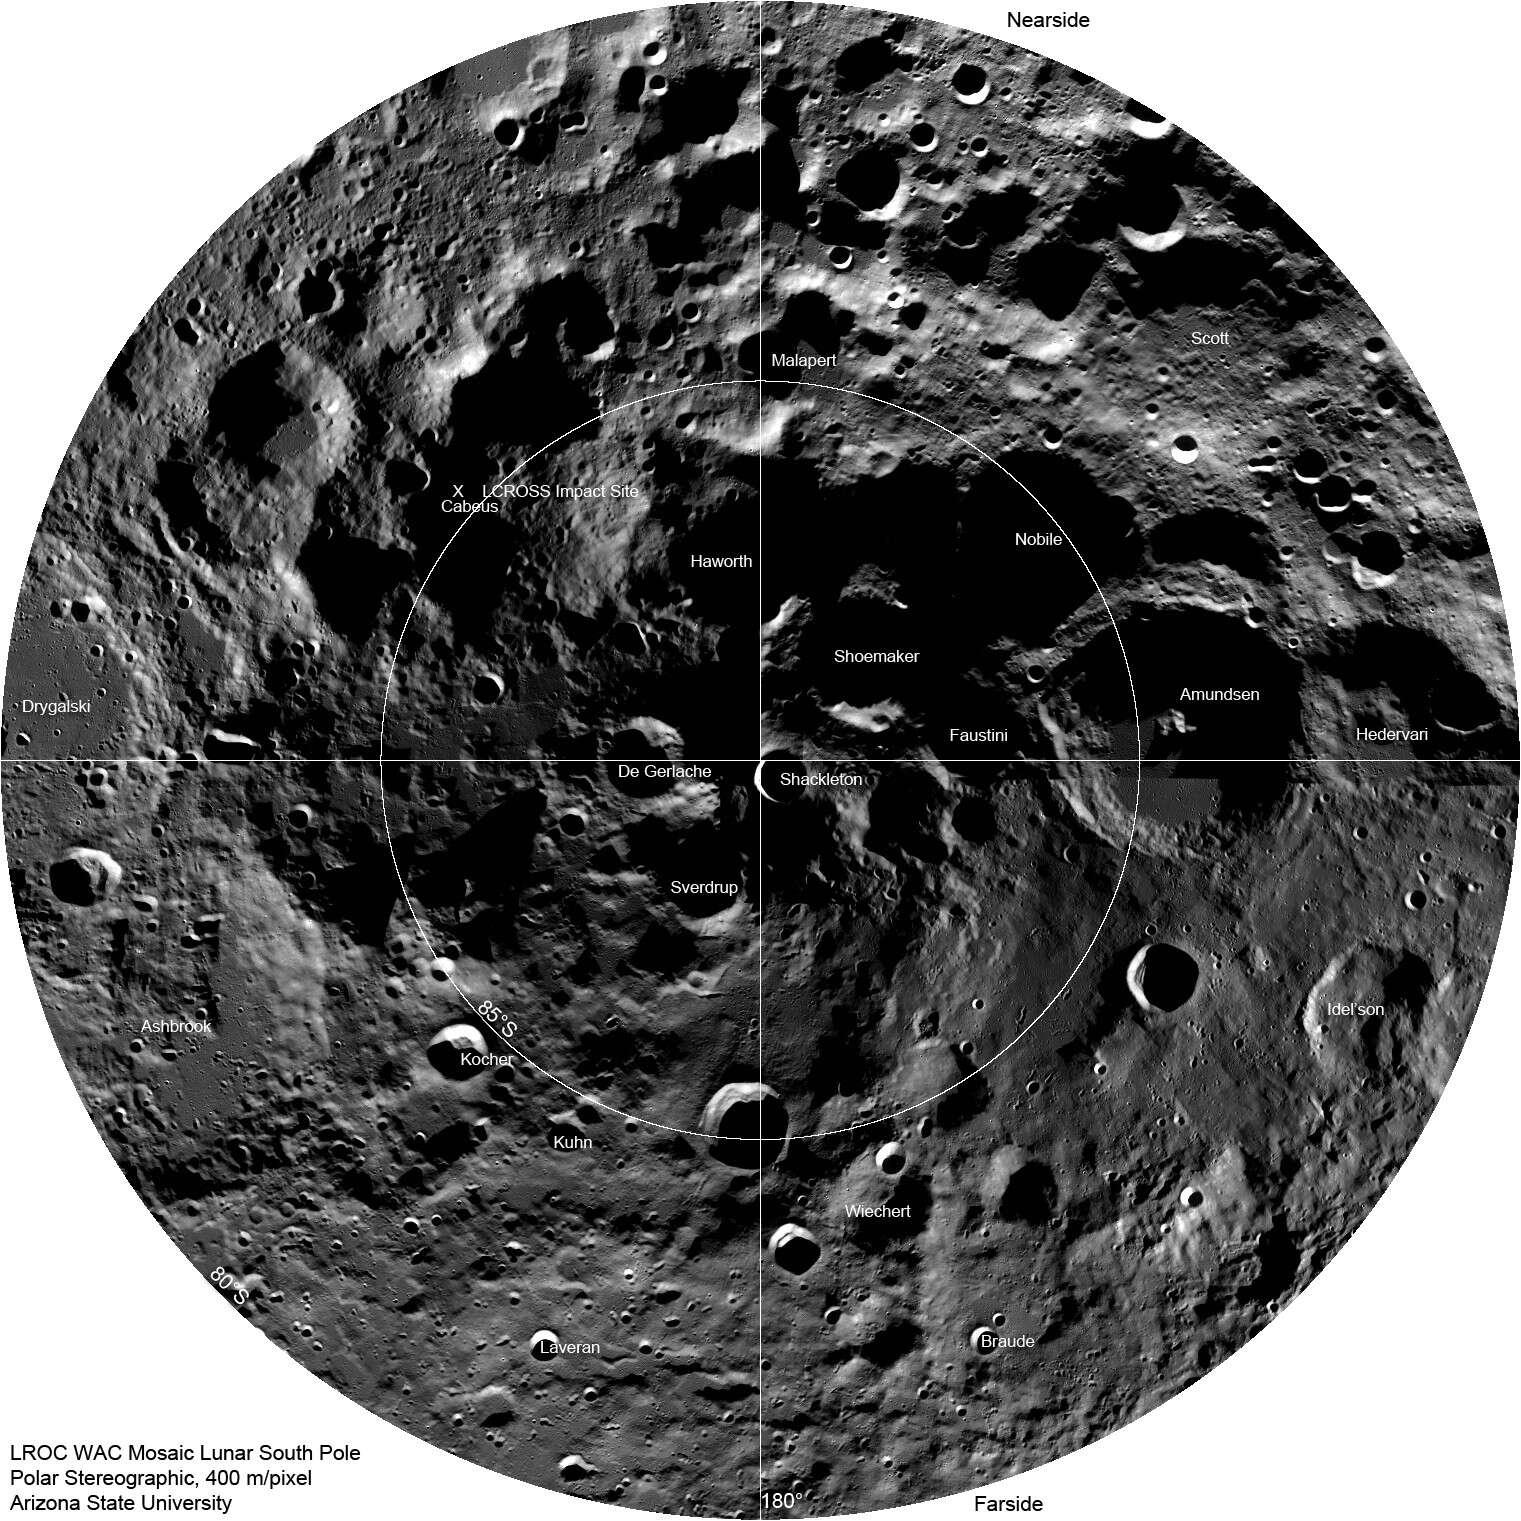 Le pôle Sud lunaire tel qu'il a été reconstitué à partir des images obtenues par l'orbiteur LRO. Crédit Nasa/GSFC/Arizona State University